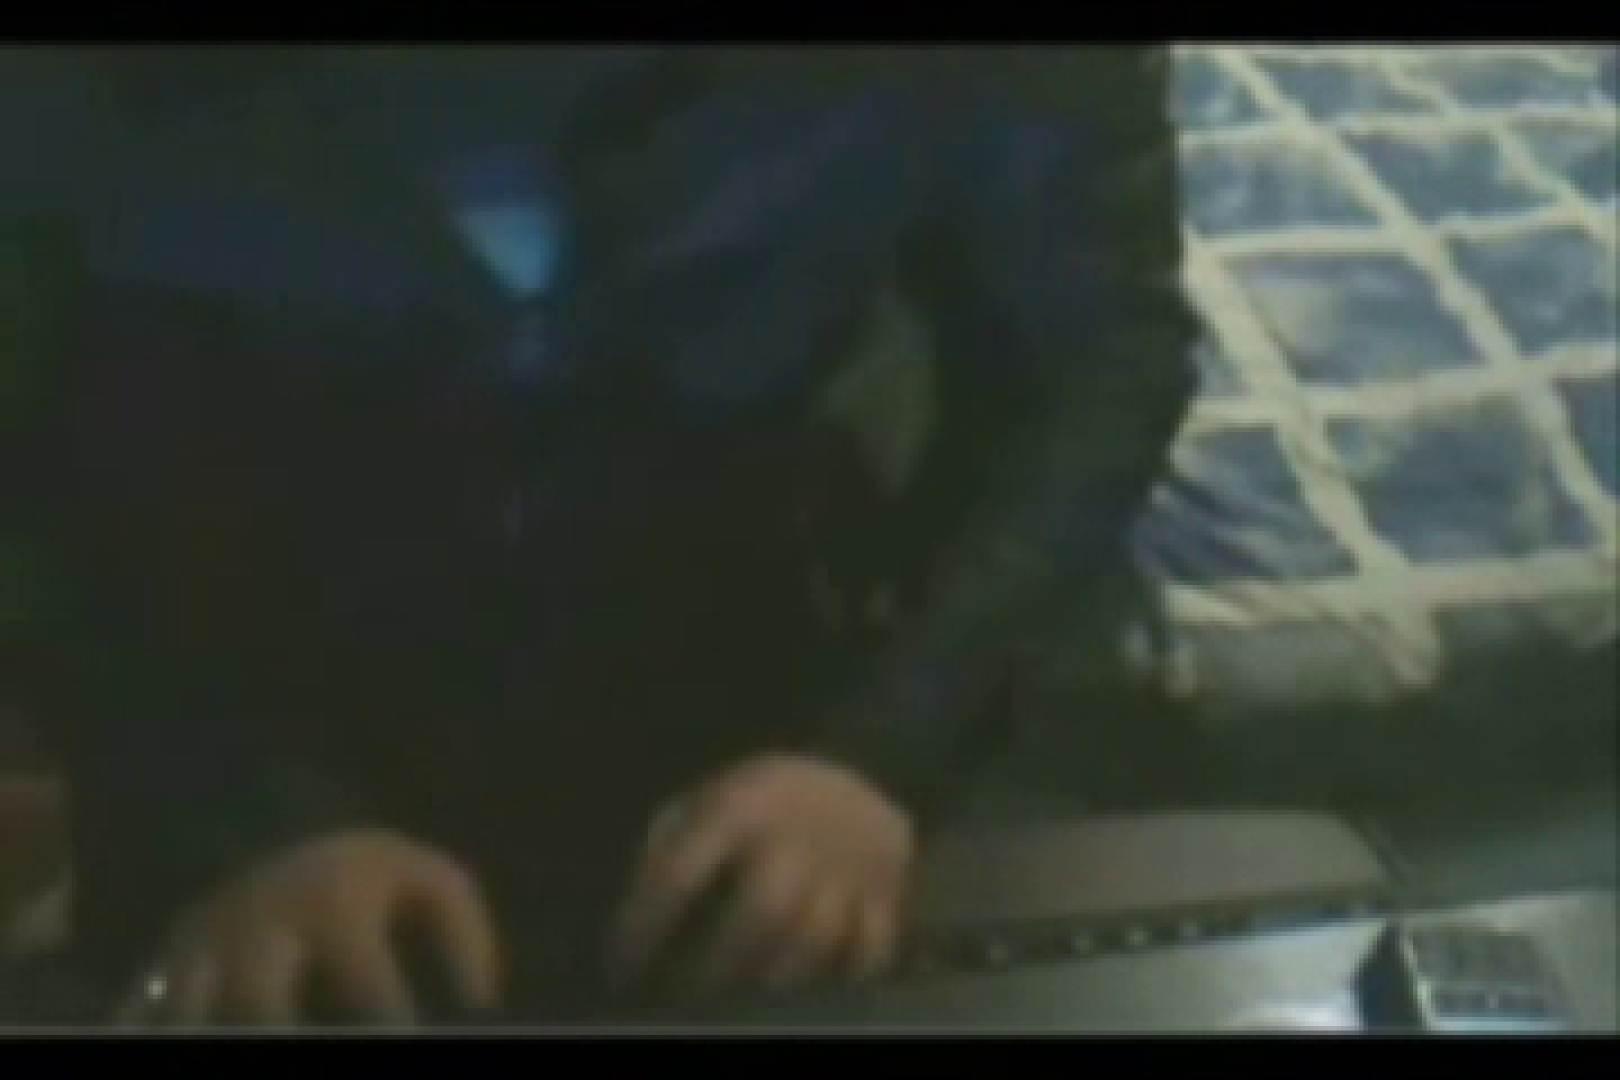 ファイル流出! ! パソコン画面を目の前に自画撮りオナニー チンコ 射精無修正動画 107枚 7